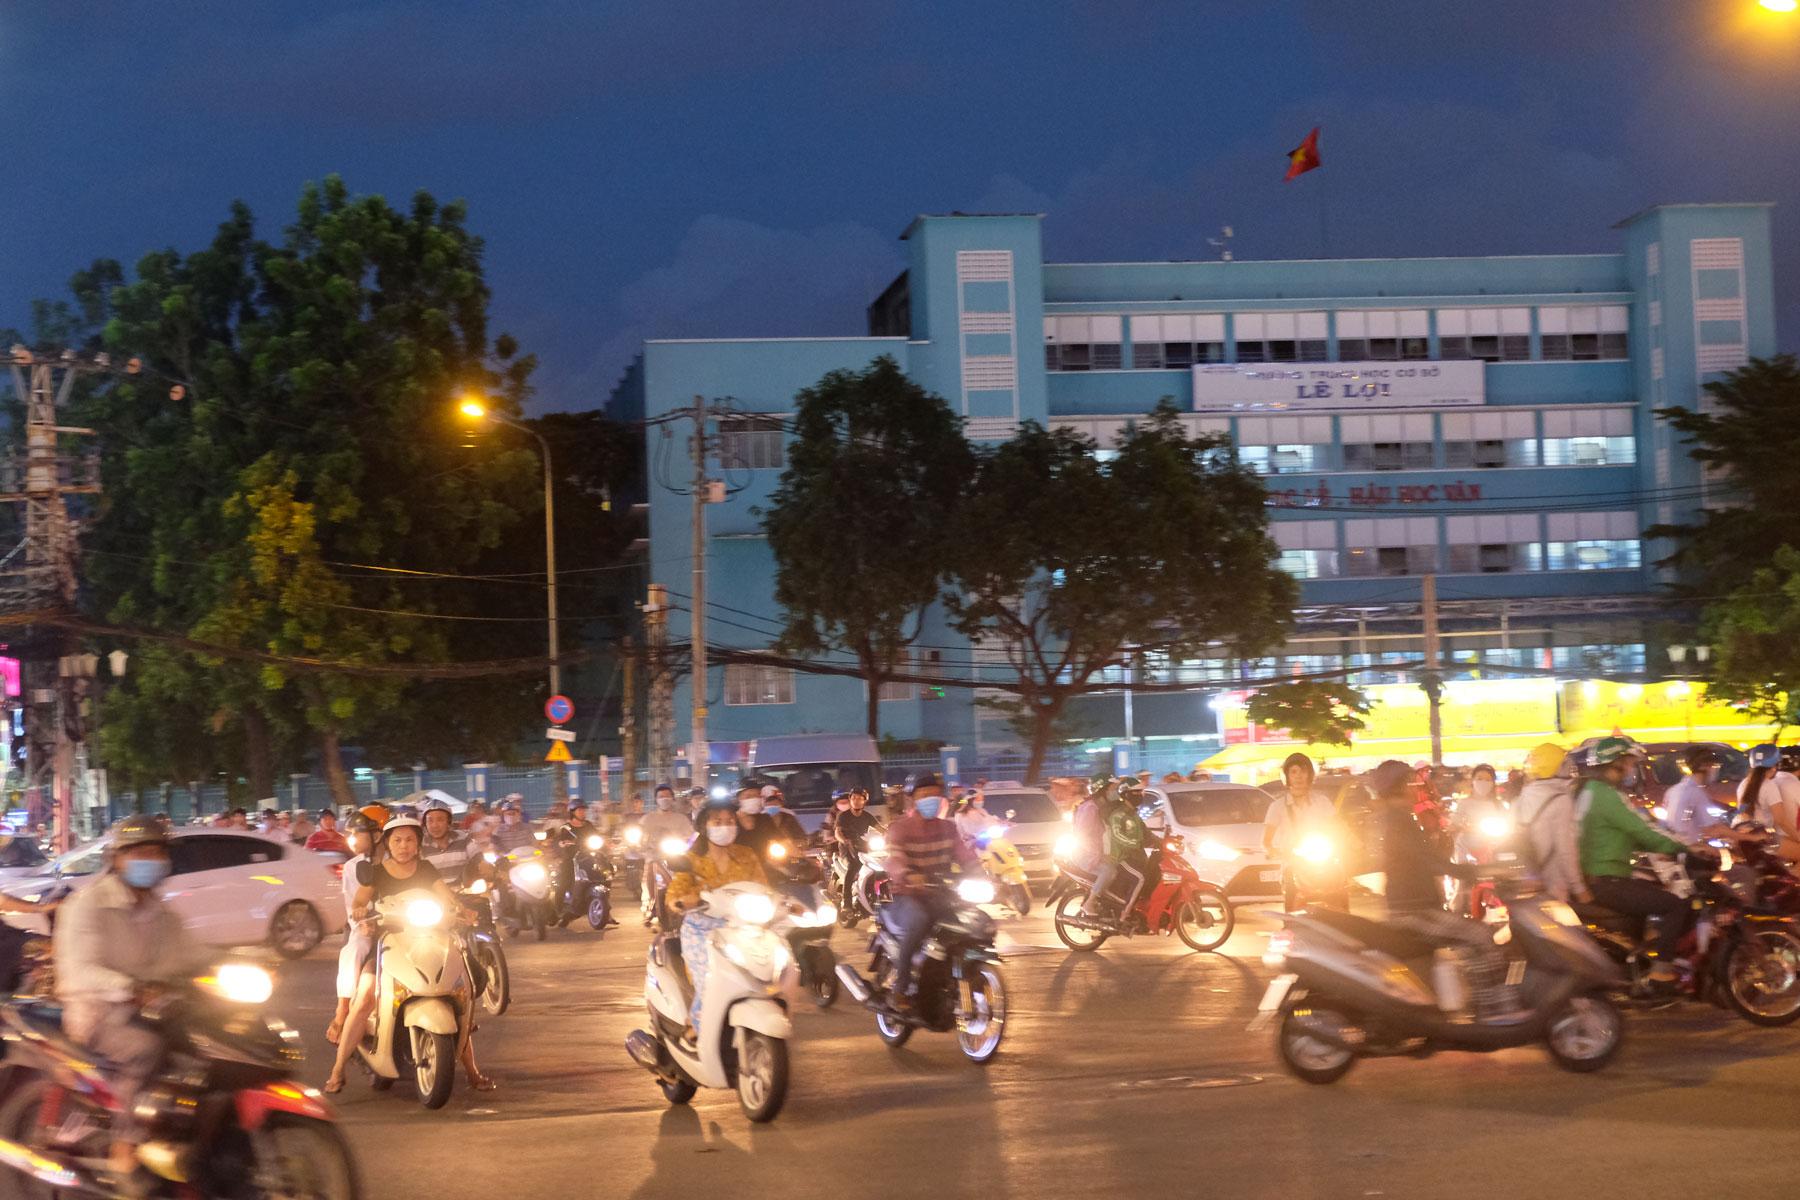 In der Dunkelheit fahren hell beleuchtete Motorroller durch die Innenstadt von Ho-Chi-Minh-City in Vietnam.